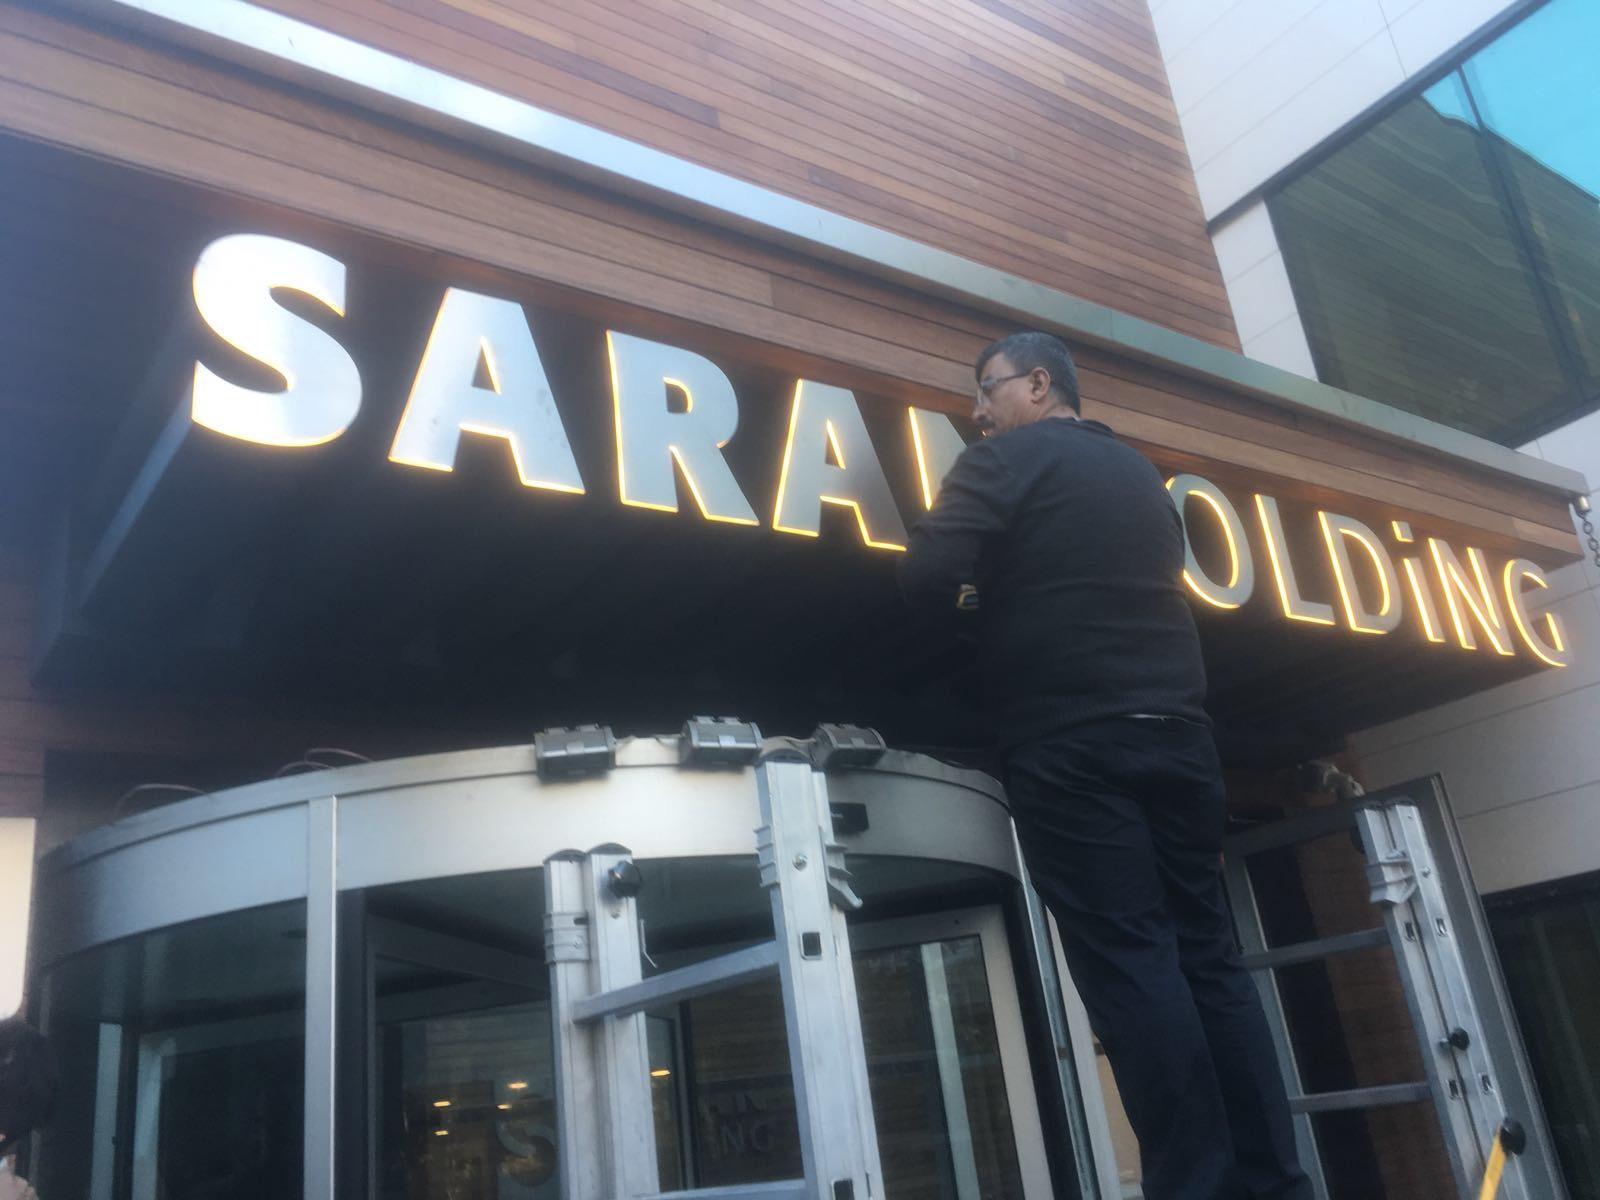 Saran Holding aşı olmayan çalışanı işten çıkaracak!